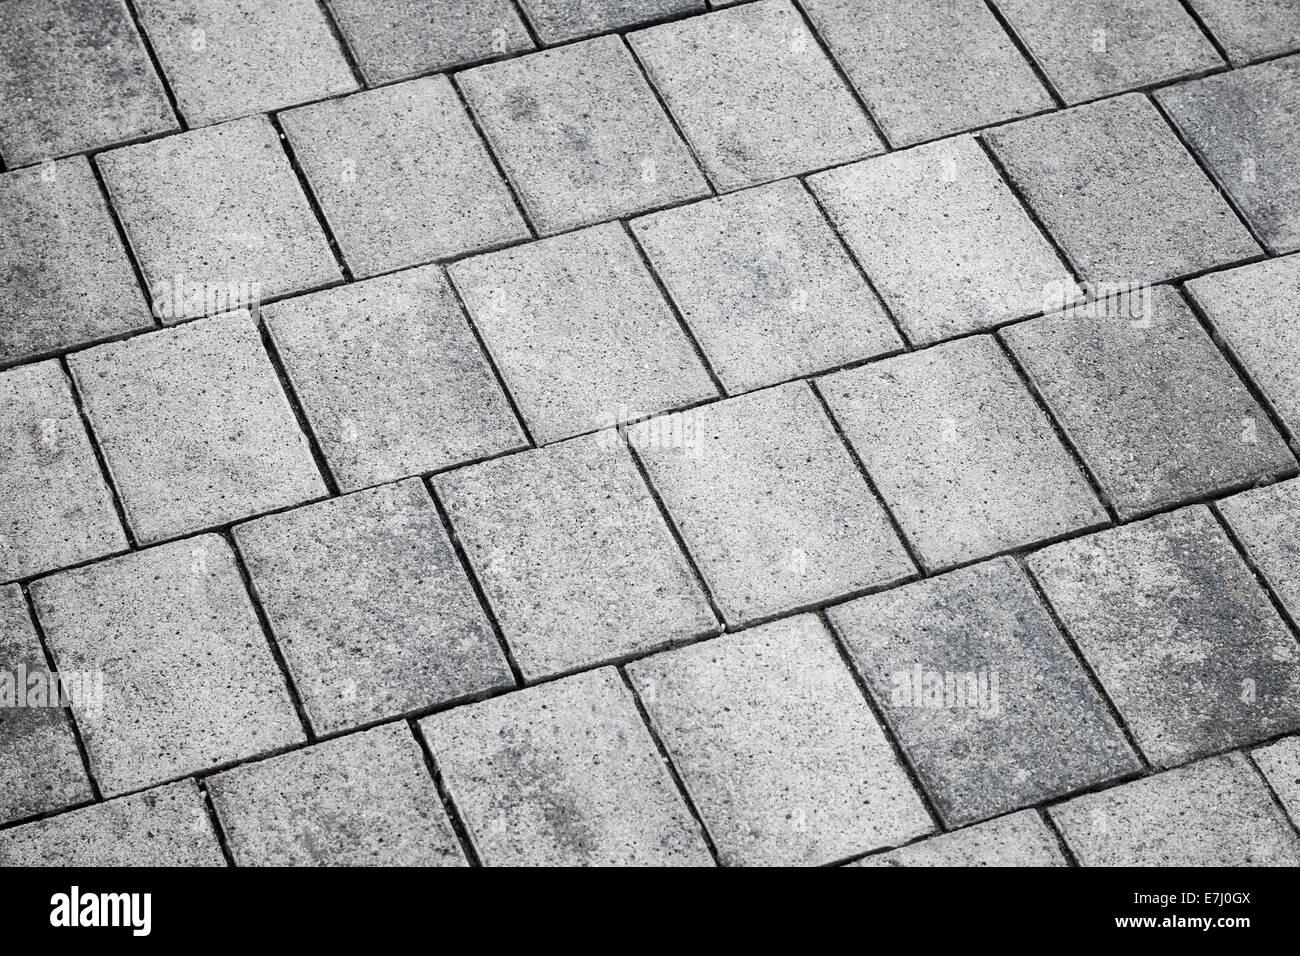 Grigio piastrelle di calcestruzzo pavimentazione urbana texture